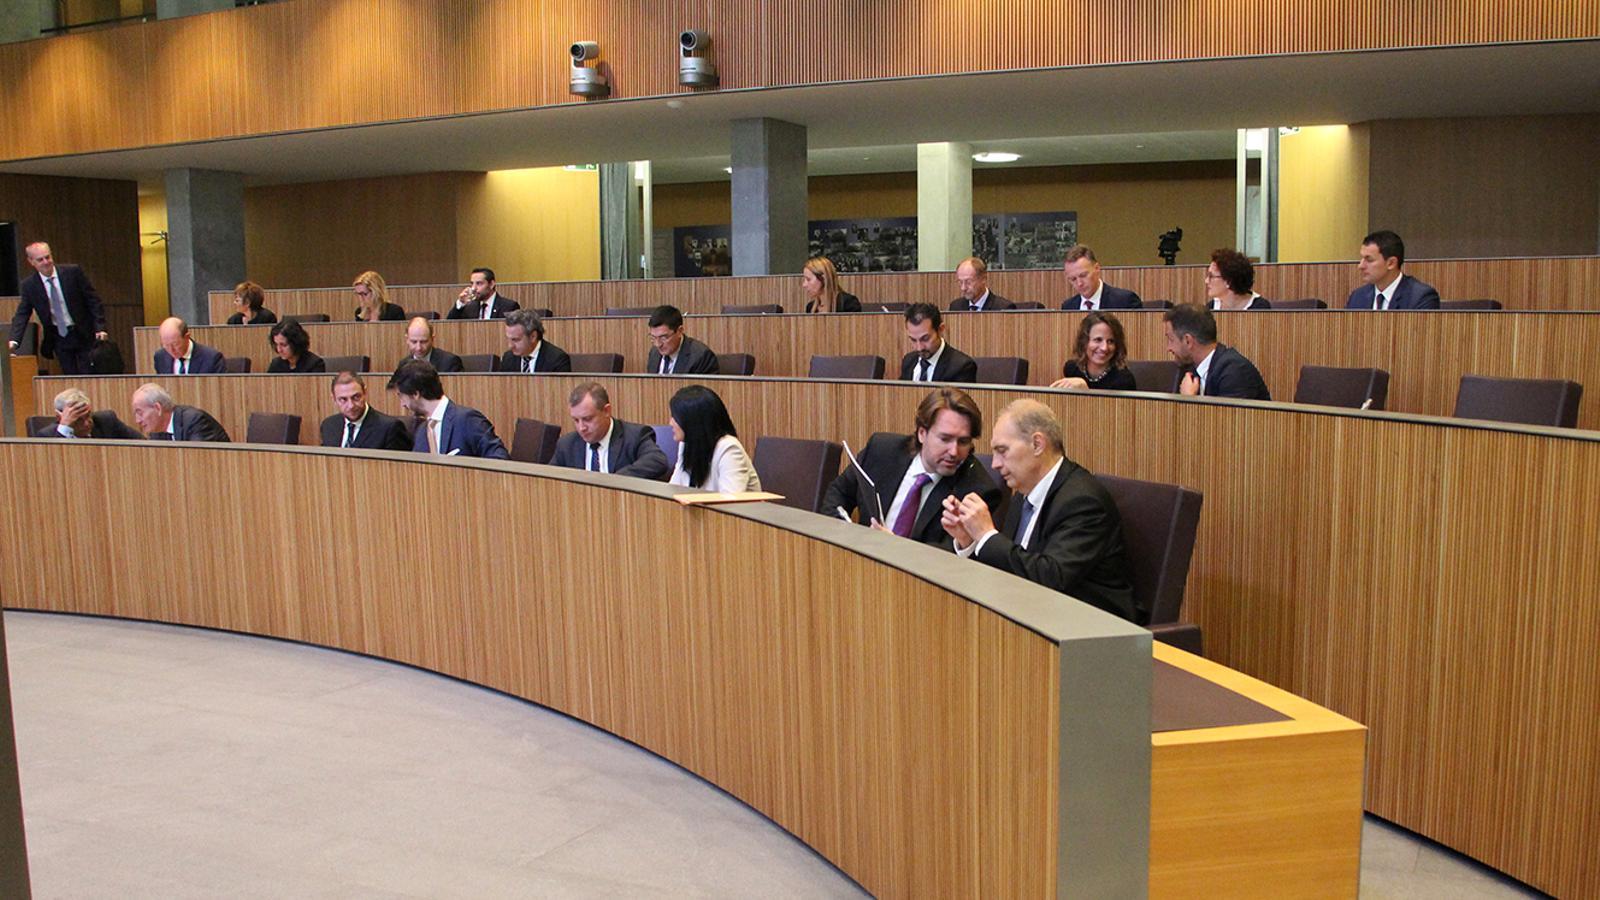 La bancada de l'oposició i de la majoria al Consell General. / ARXIU ANA